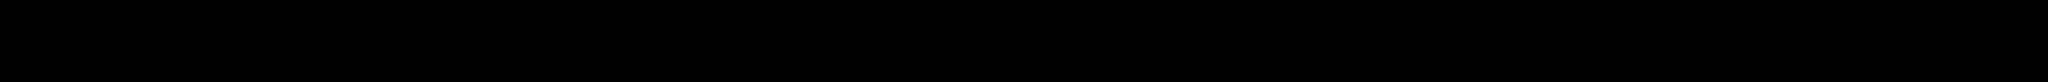 BOSCH BOC1093002059, 7955, 7955-4, +8, Blister N01 - FR 7 DC świeca zapłonowa